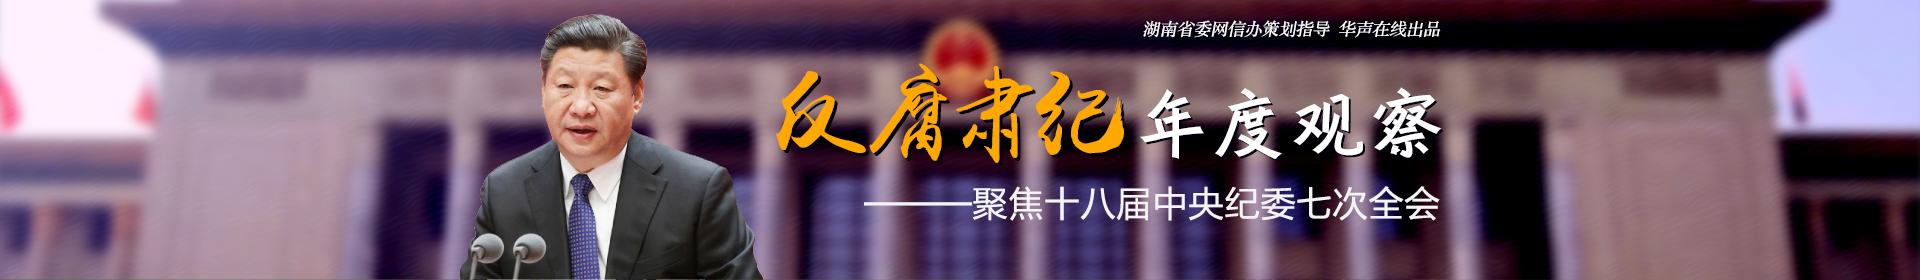 反腐肃纪年度观察——聚焦十八届中央纪委七次全会